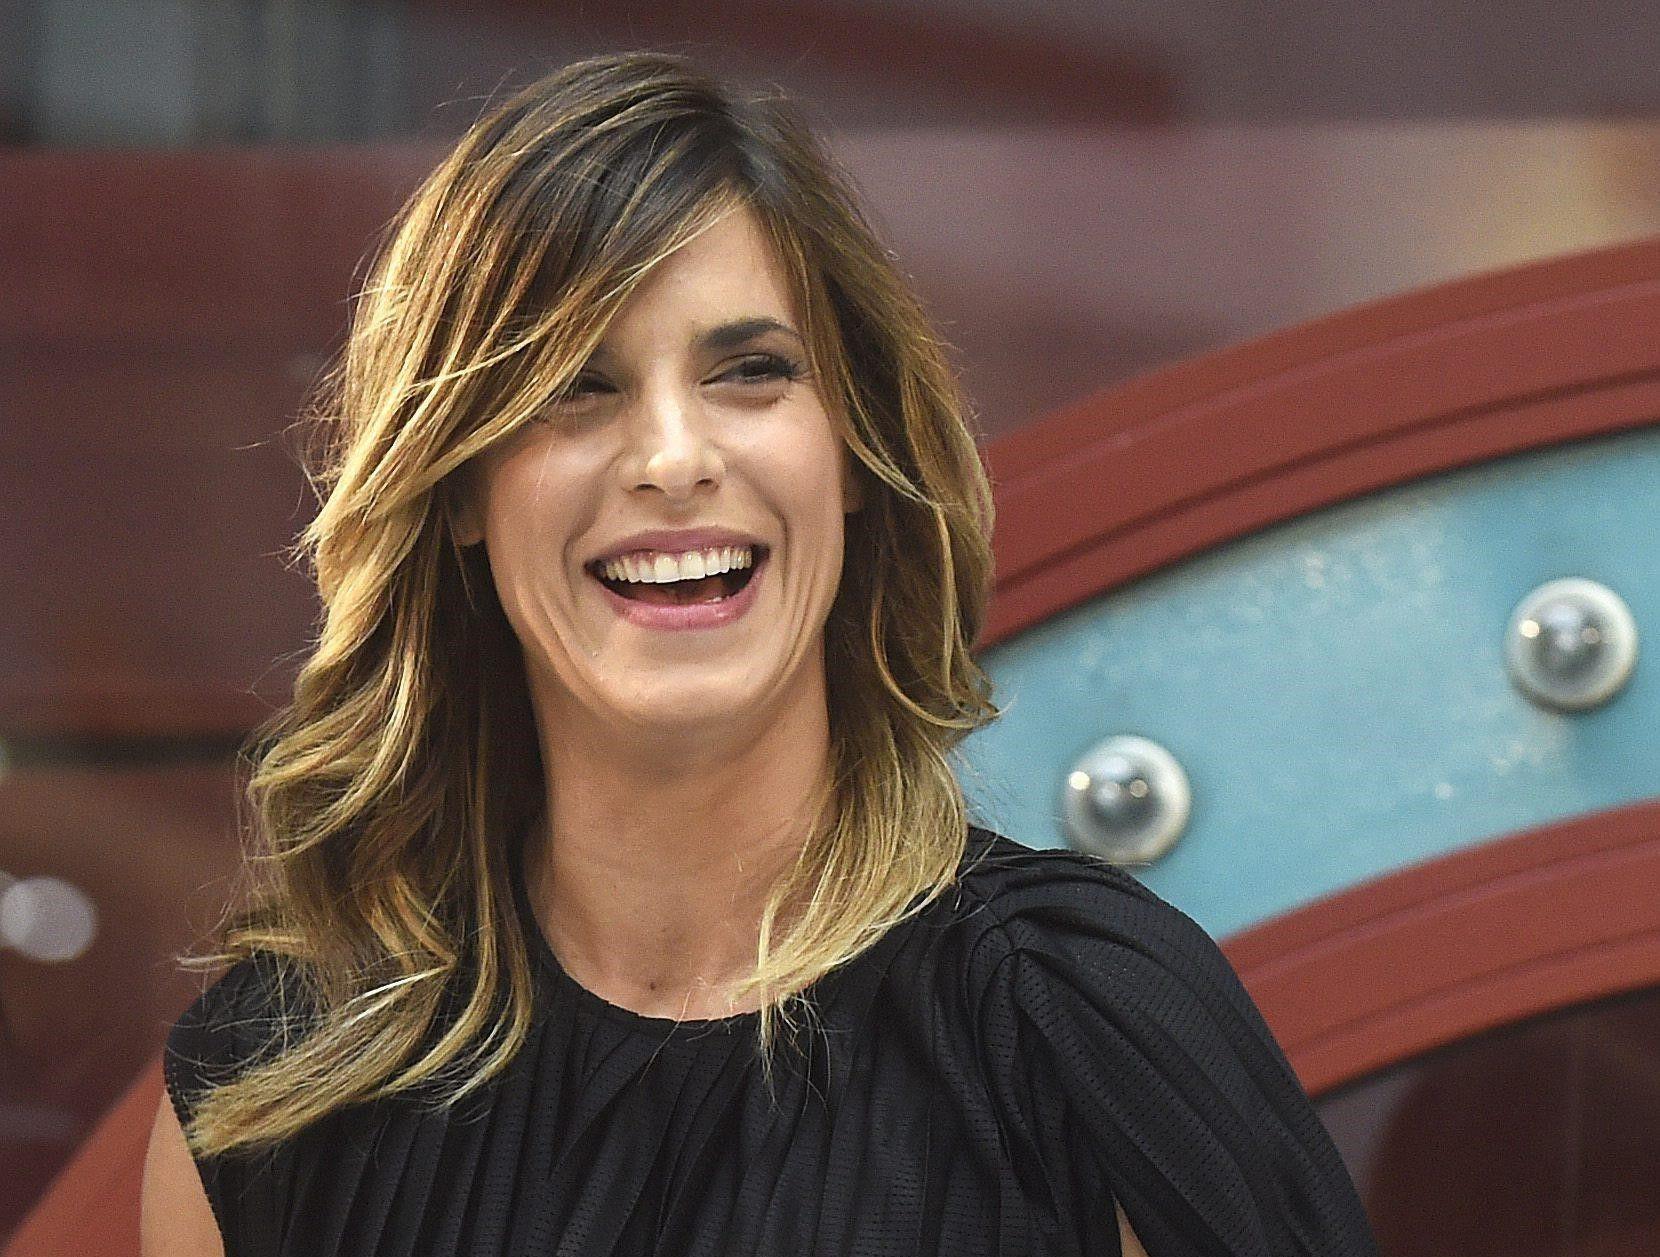 Elisabetta Canalis torna in Italia per un programma TV: 'Felice di essere a casa'